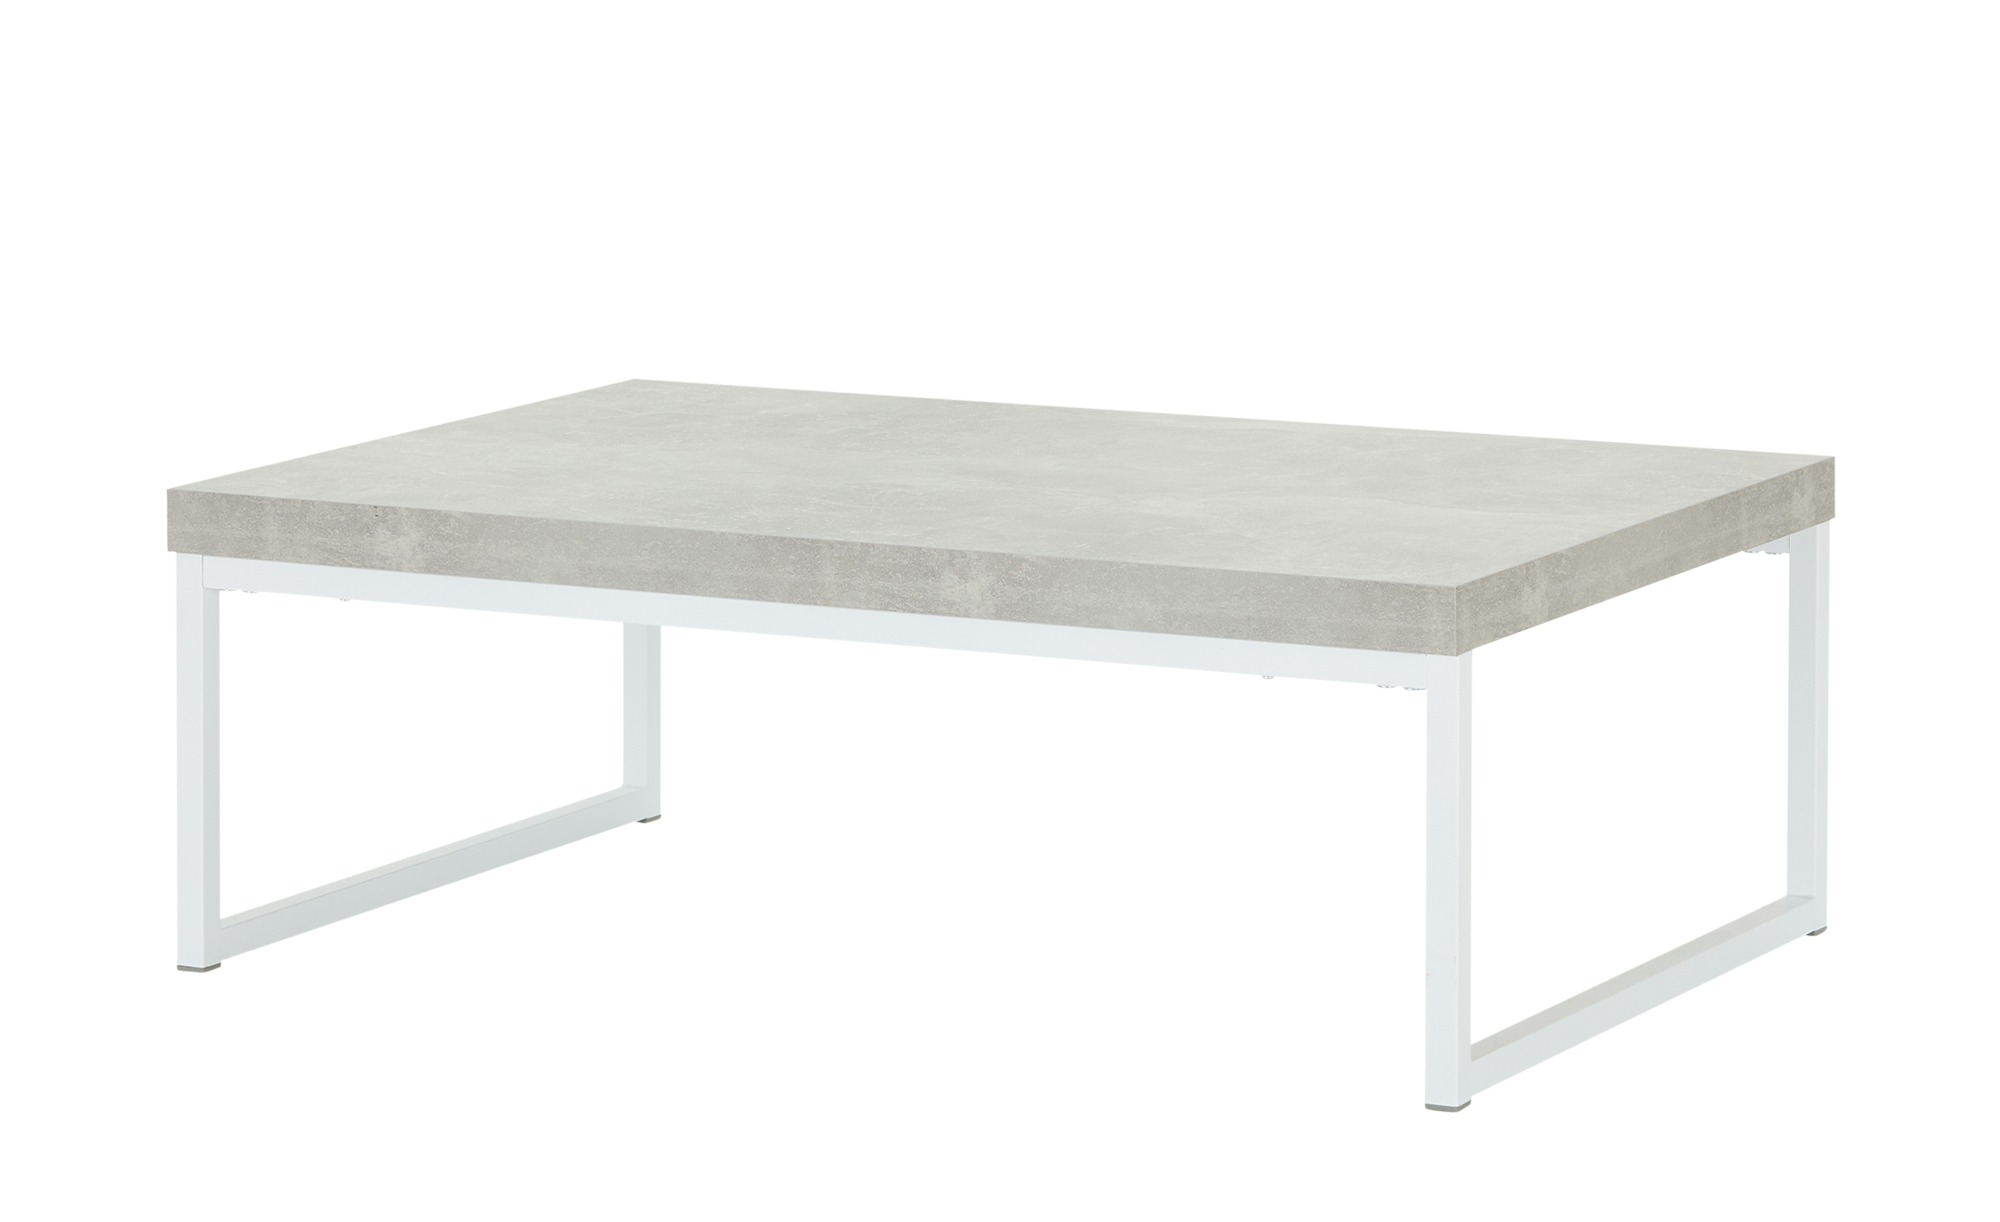 Couchtisch  Puro ¦ grau ¦ Maße (cm): B: 70 H: 36 Tische > Couchtische > Couchtische rechteckig - Höffner